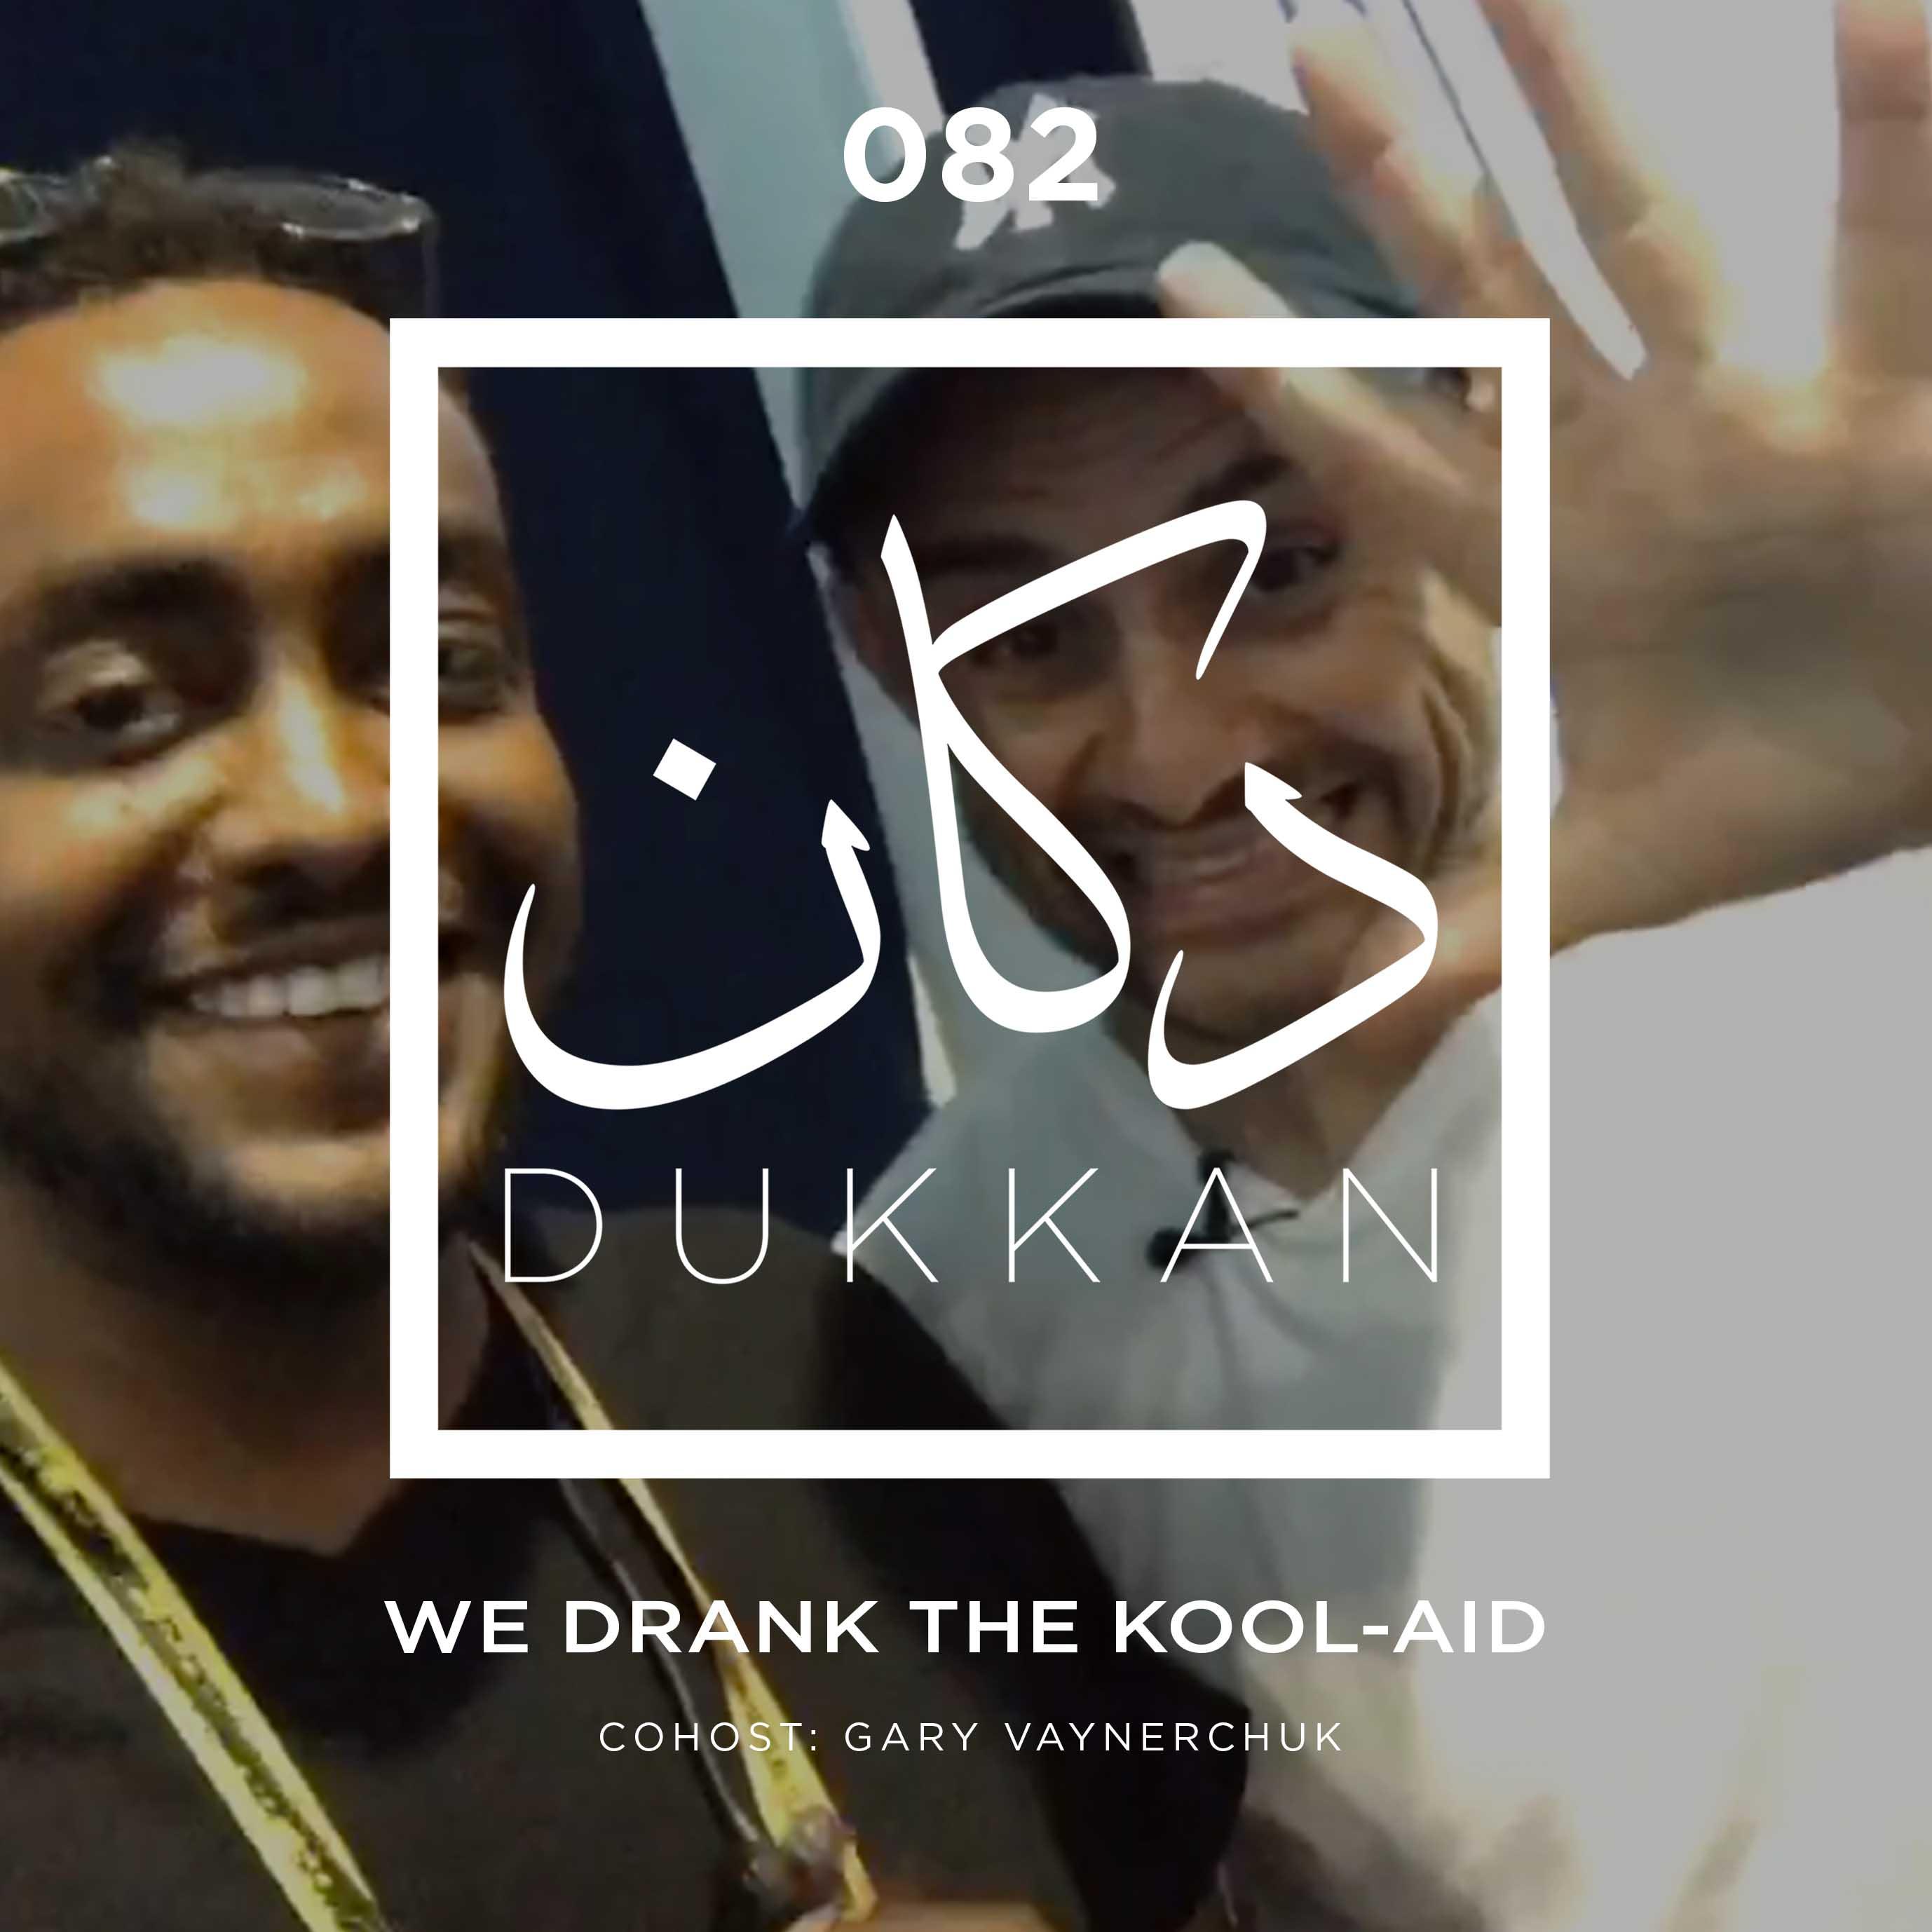 E082: We Drank The Kool-Aid (Chohost: Gary Vaynerchuk)